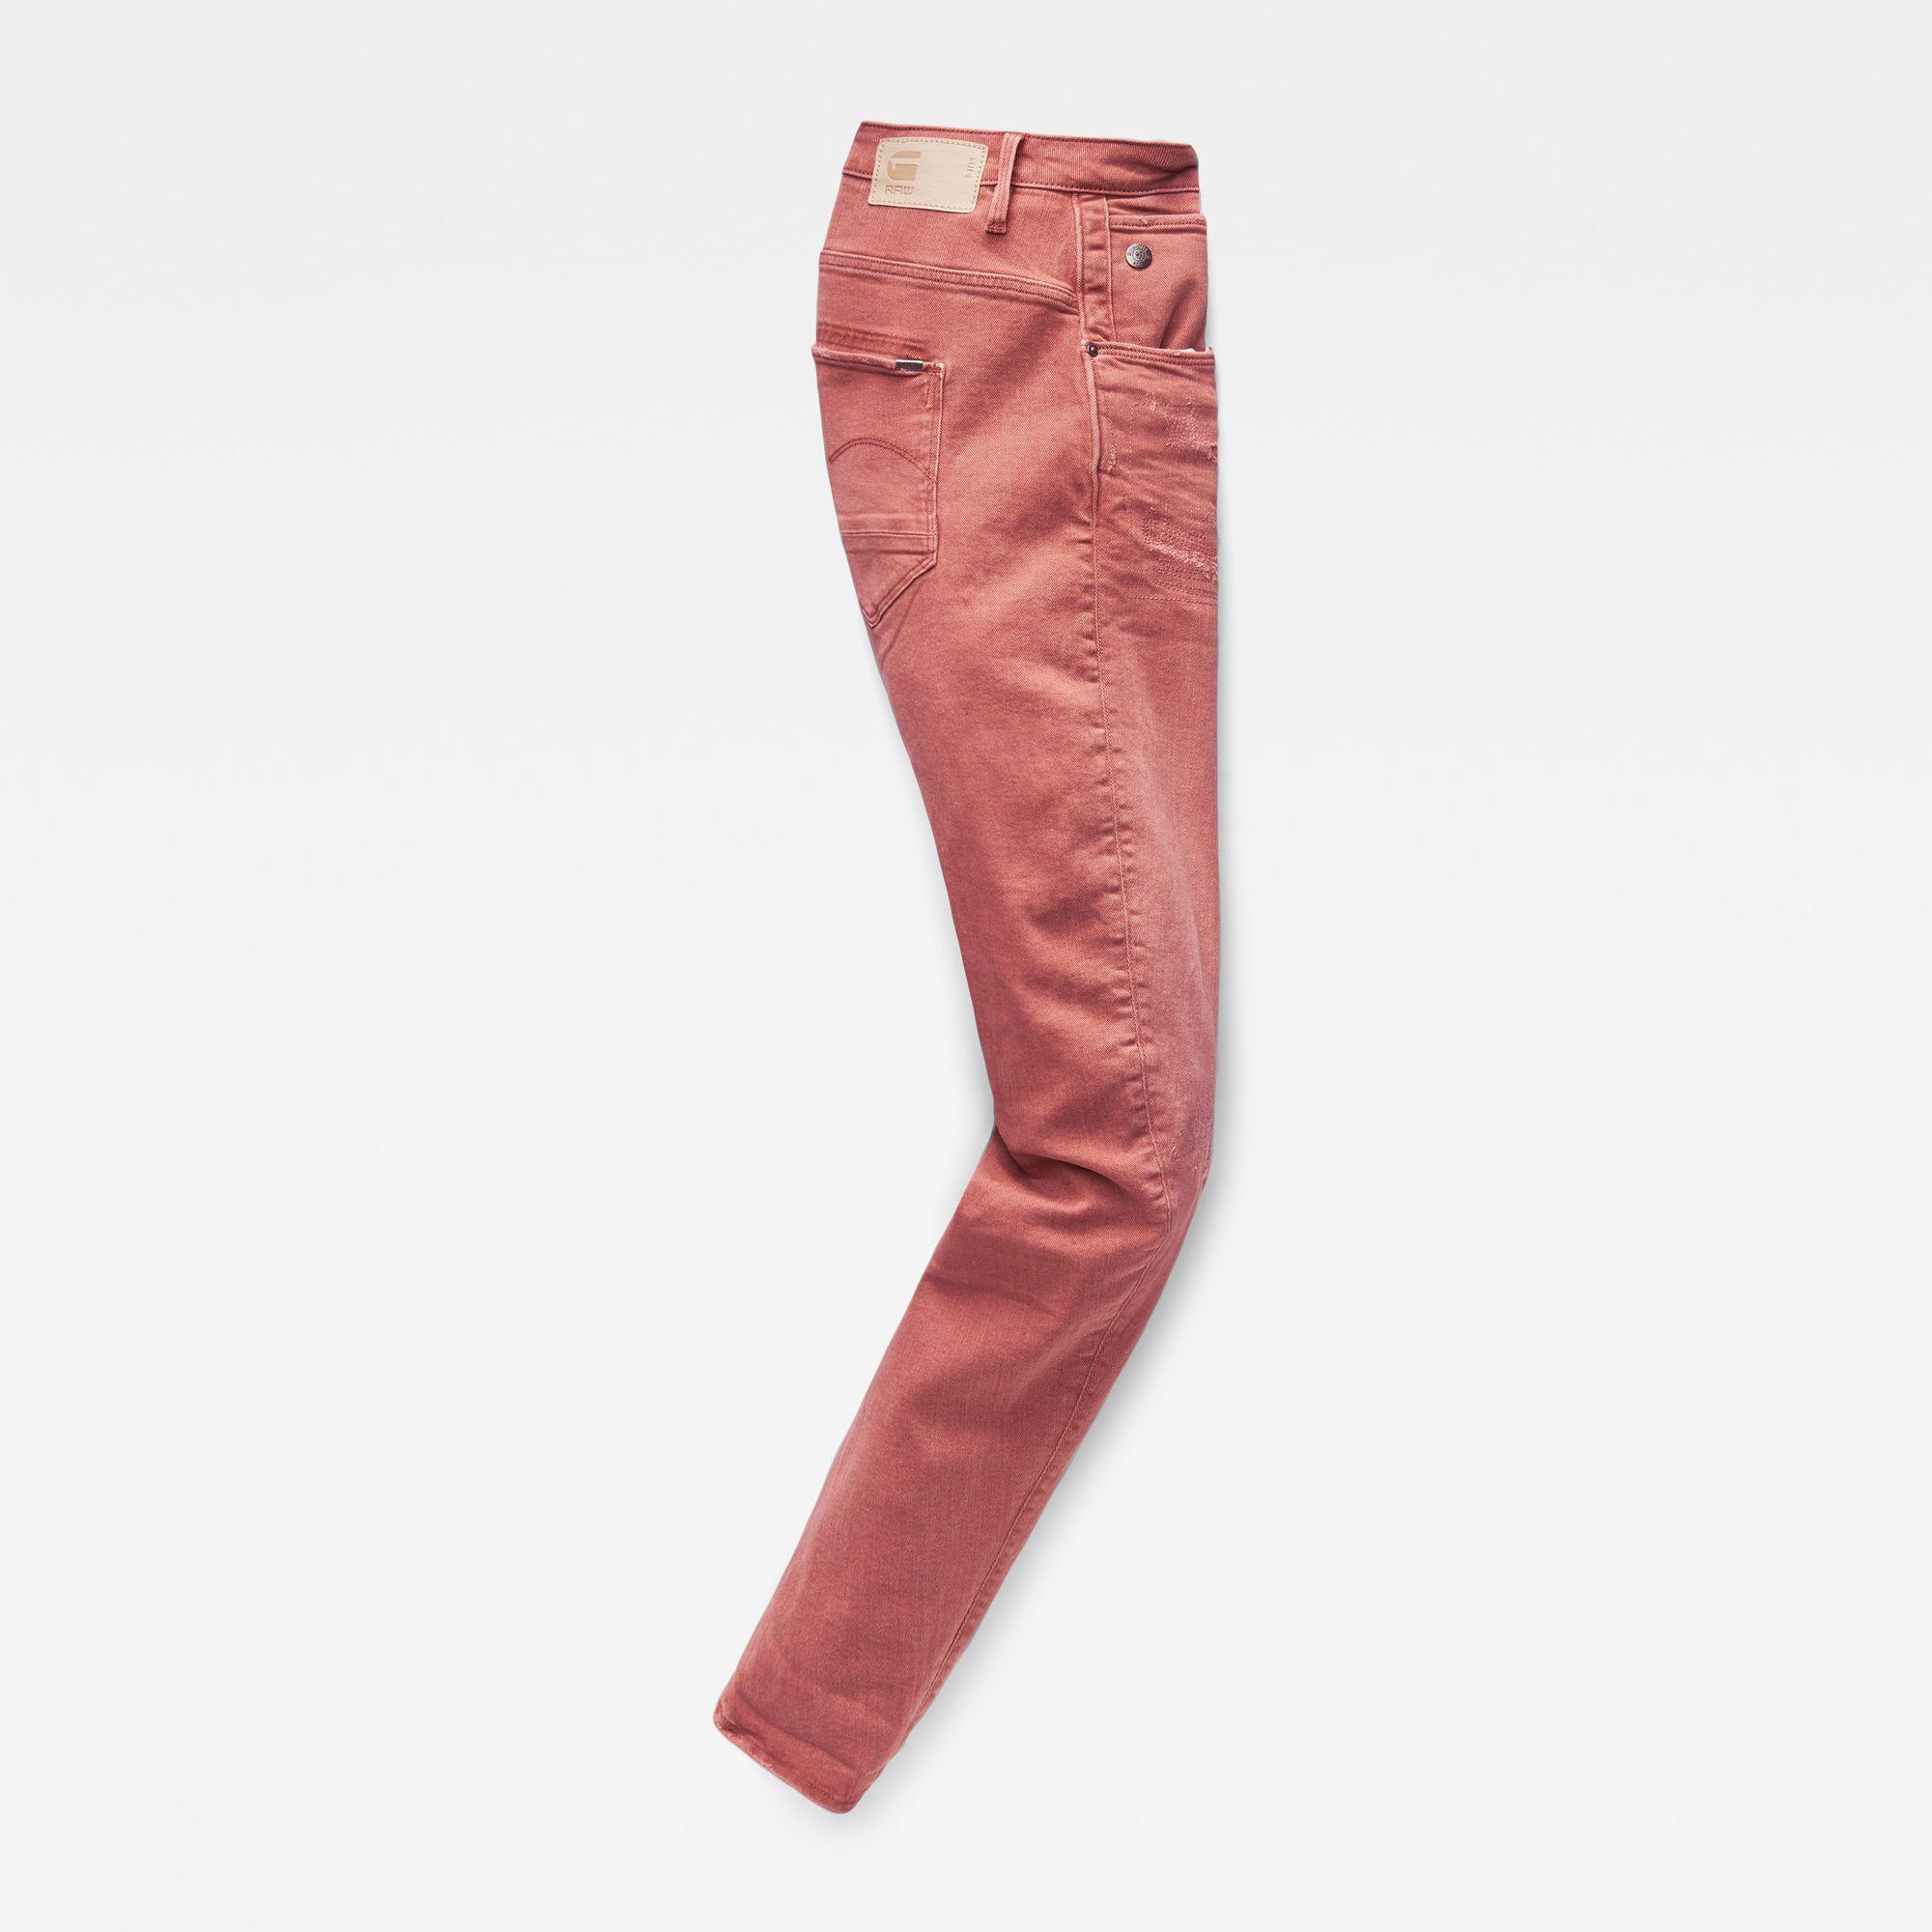 G-Star Raw Arc 3D Low Boyfriend Earthtrace Restored Colored Jeans